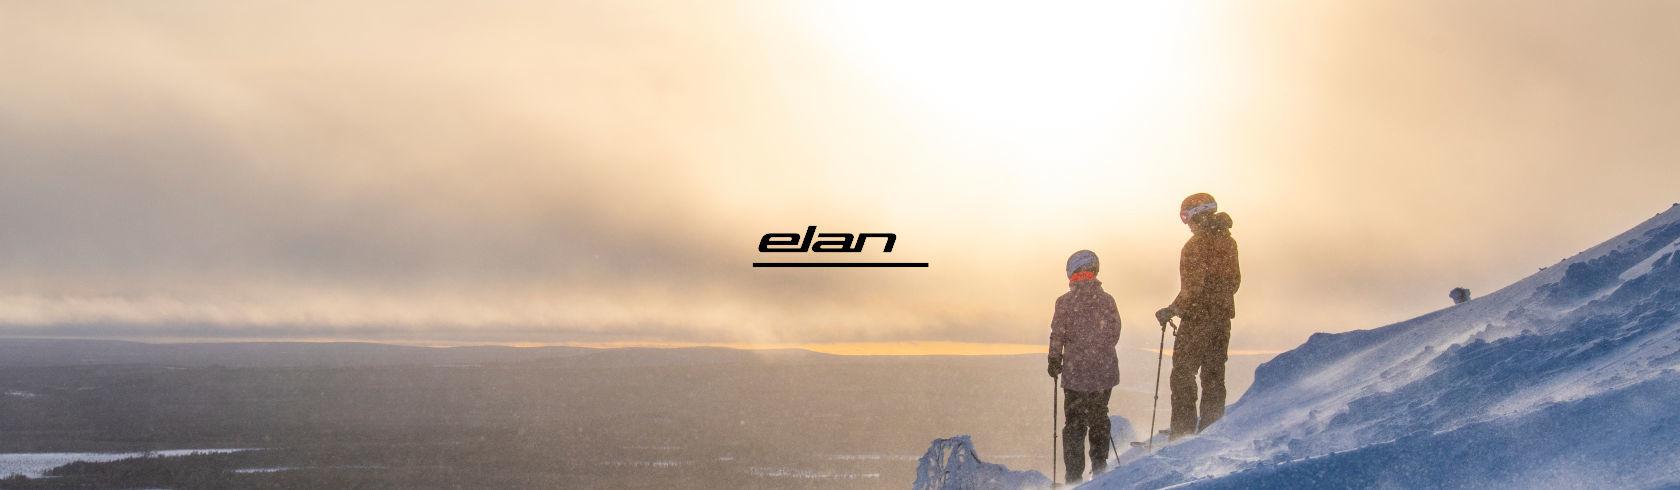 Elan Brand Banner